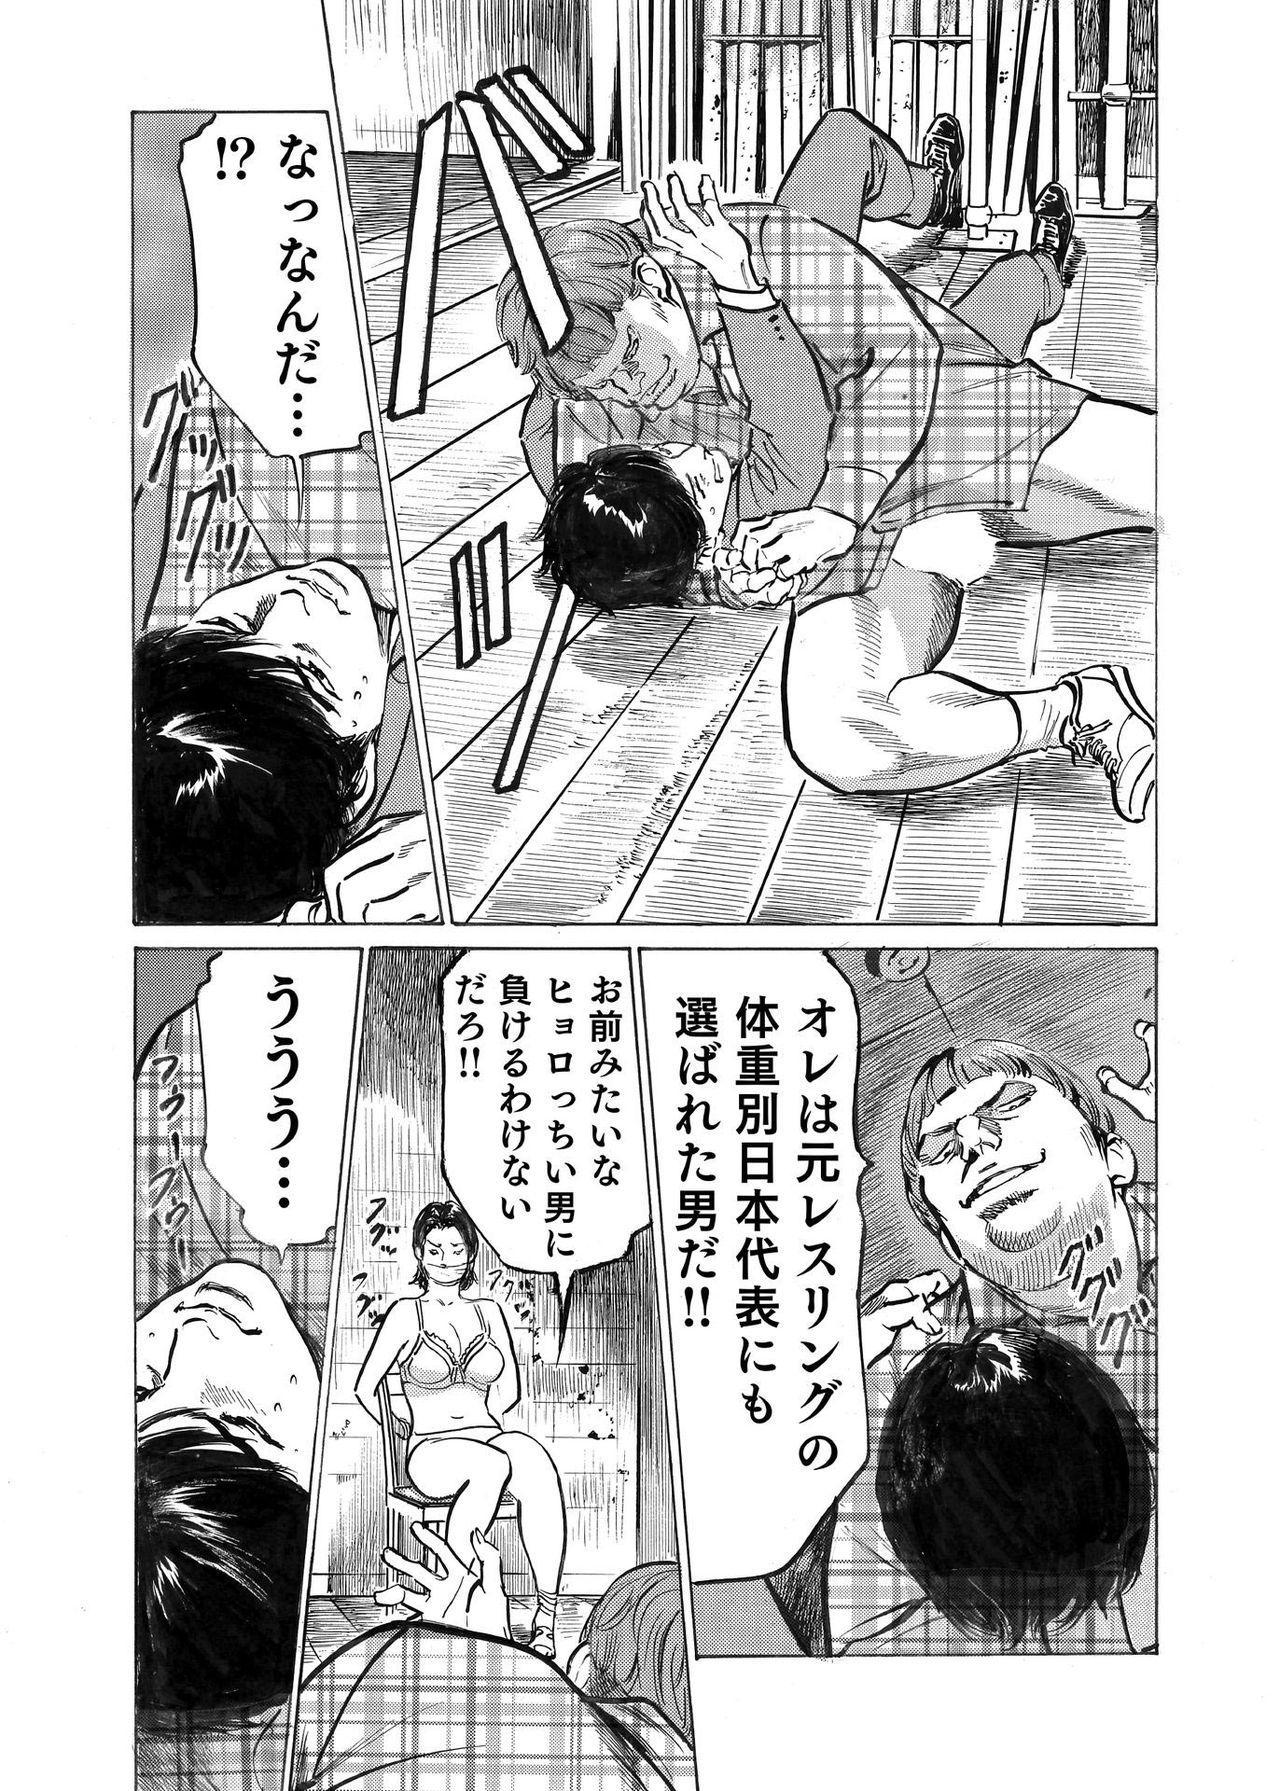 Ore wa Tsuma no Koto o Yoku Shiranai 1-9 193